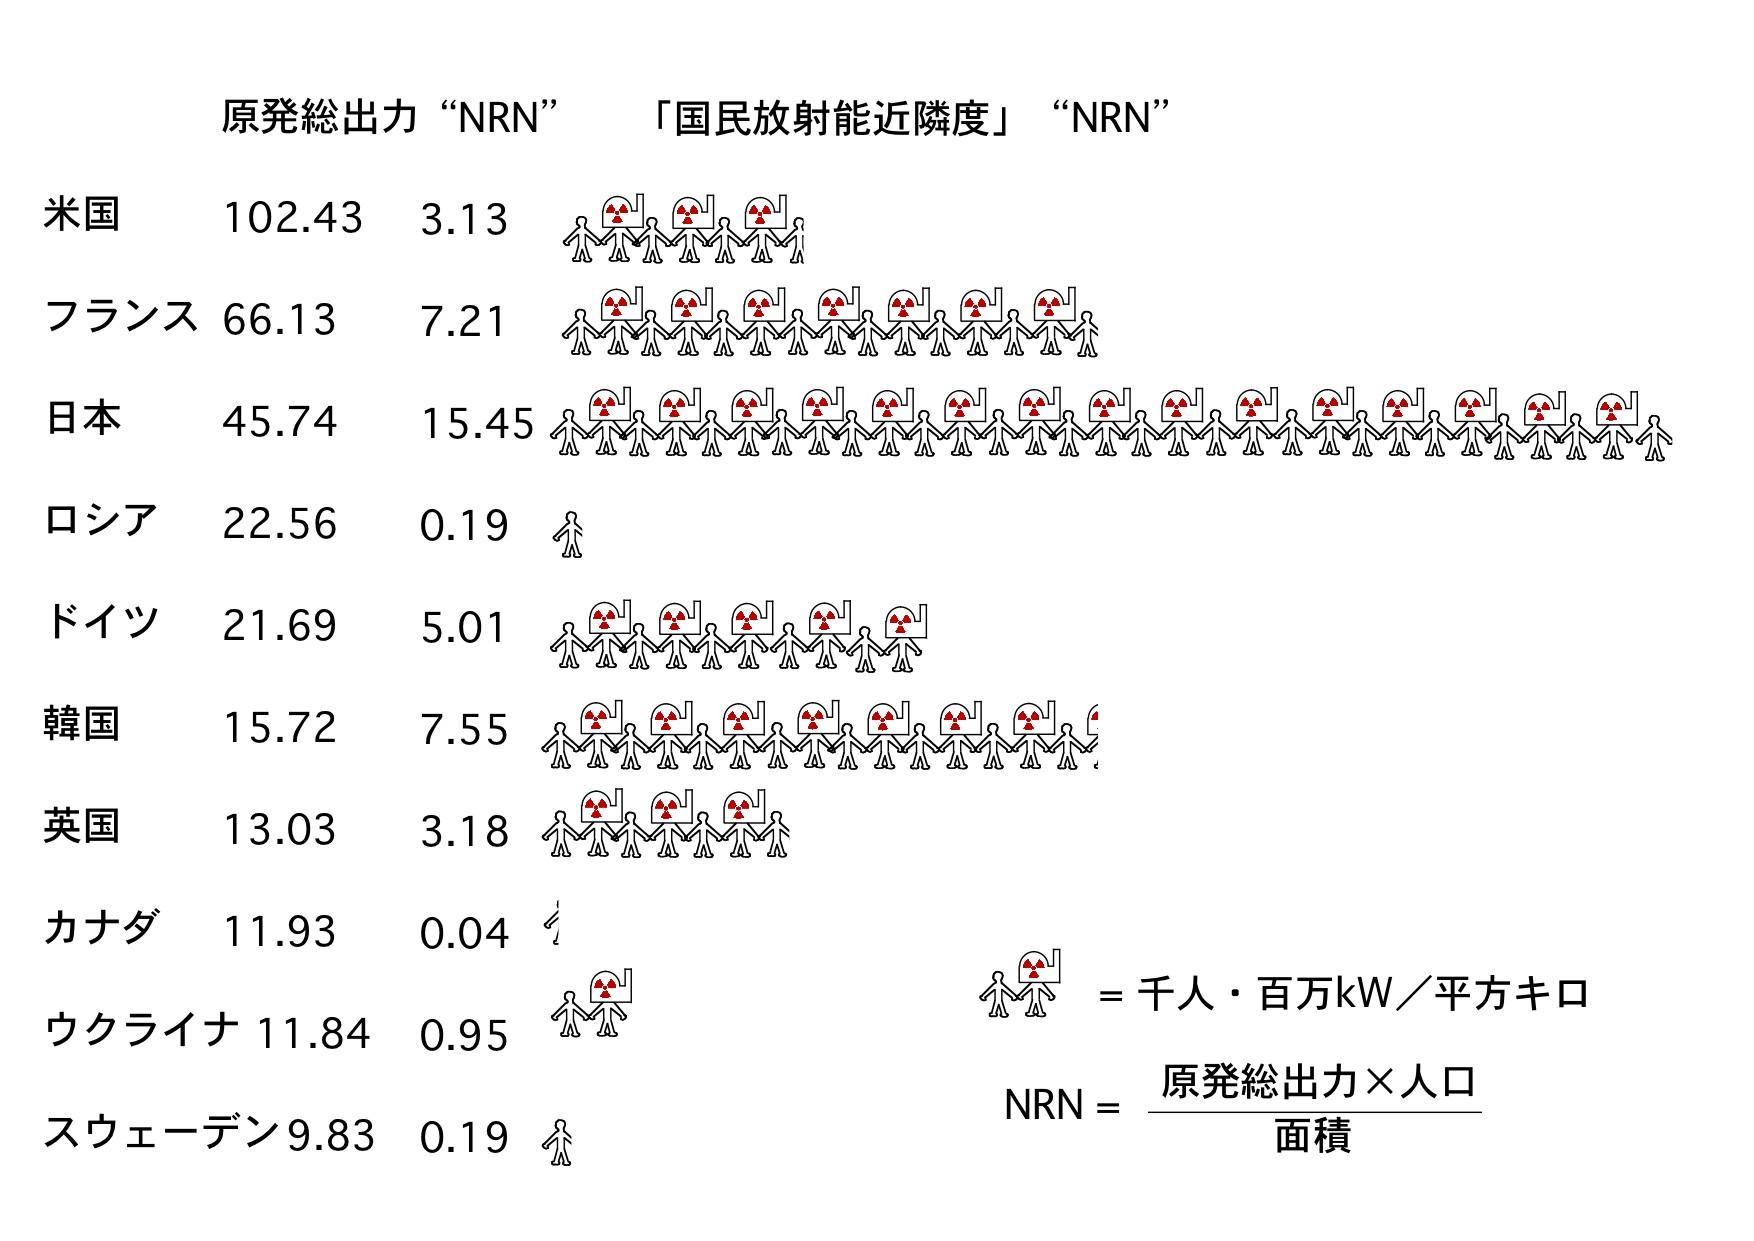 NRNfigPR [v6.0-J]1.jpg